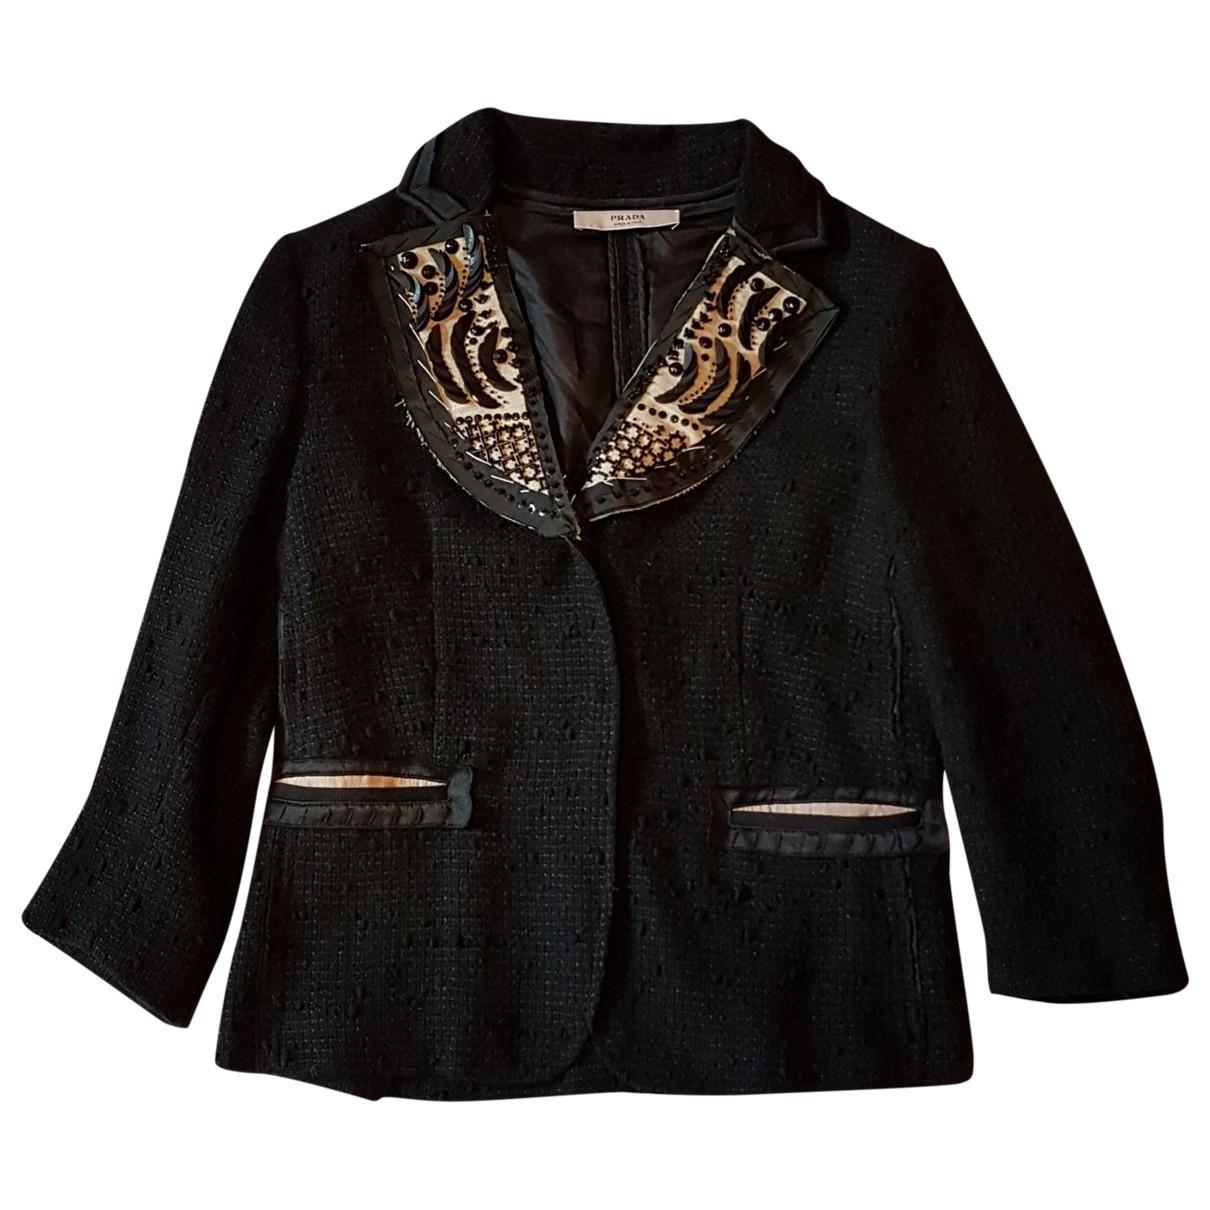 Prada \N Black Wool jacket for Women 40 IT